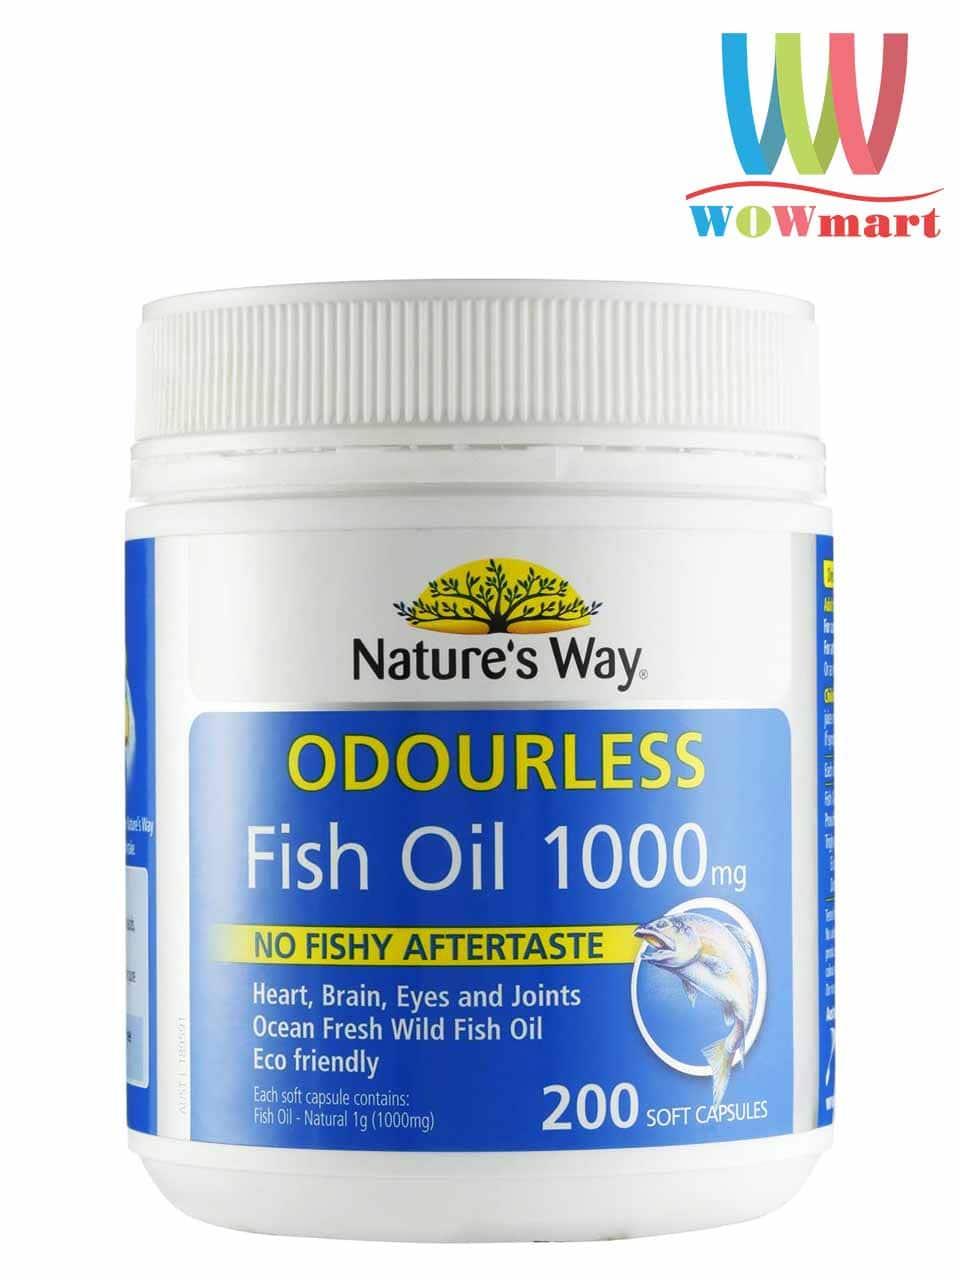 dau-ca-natures-way-adourless-fish-oil-1000mg-200-vien